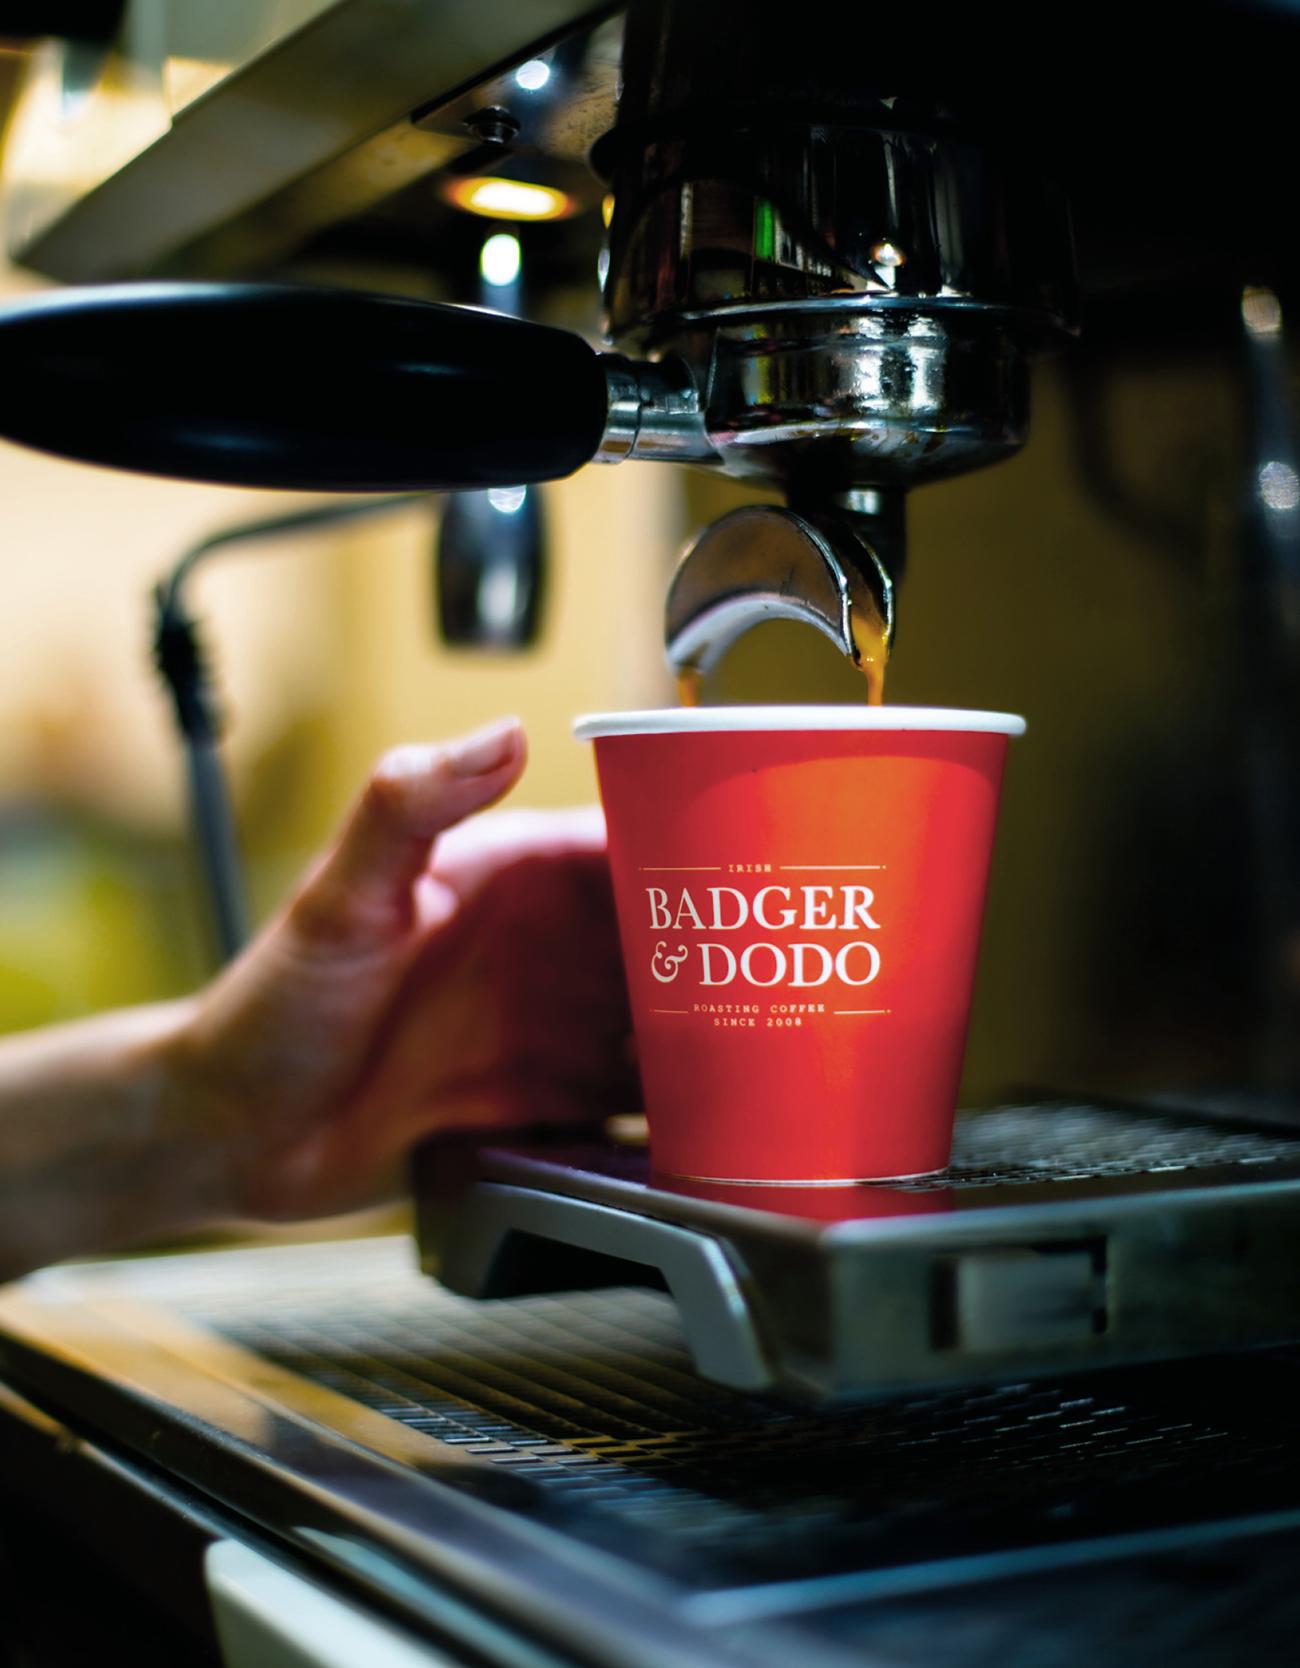 Badger & Dodo Brand Development